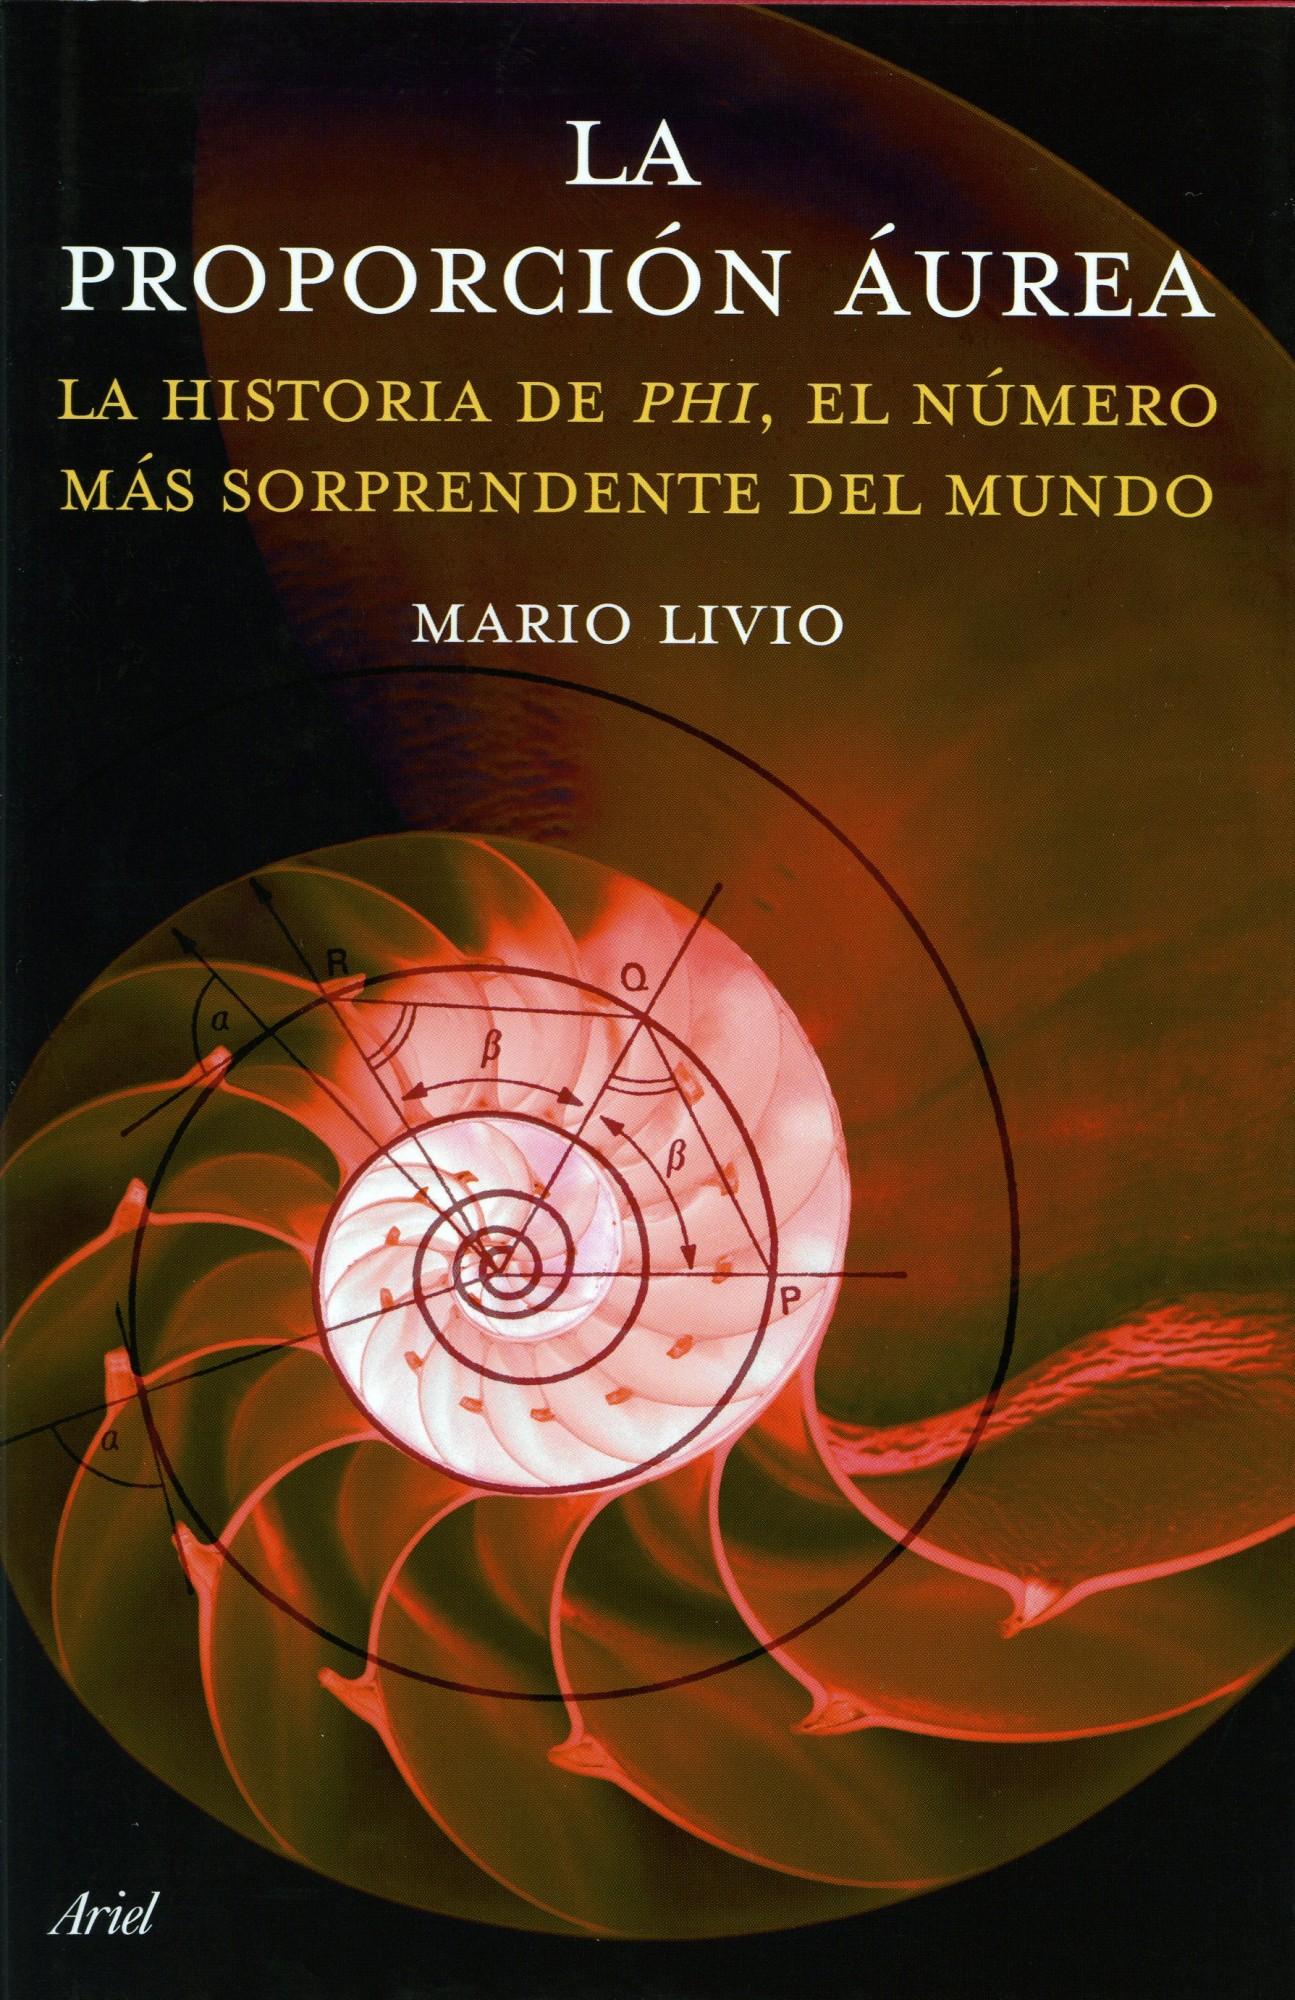 LA PROPORCION AUREA MARIO LIVIO PDF DOWNLOAD